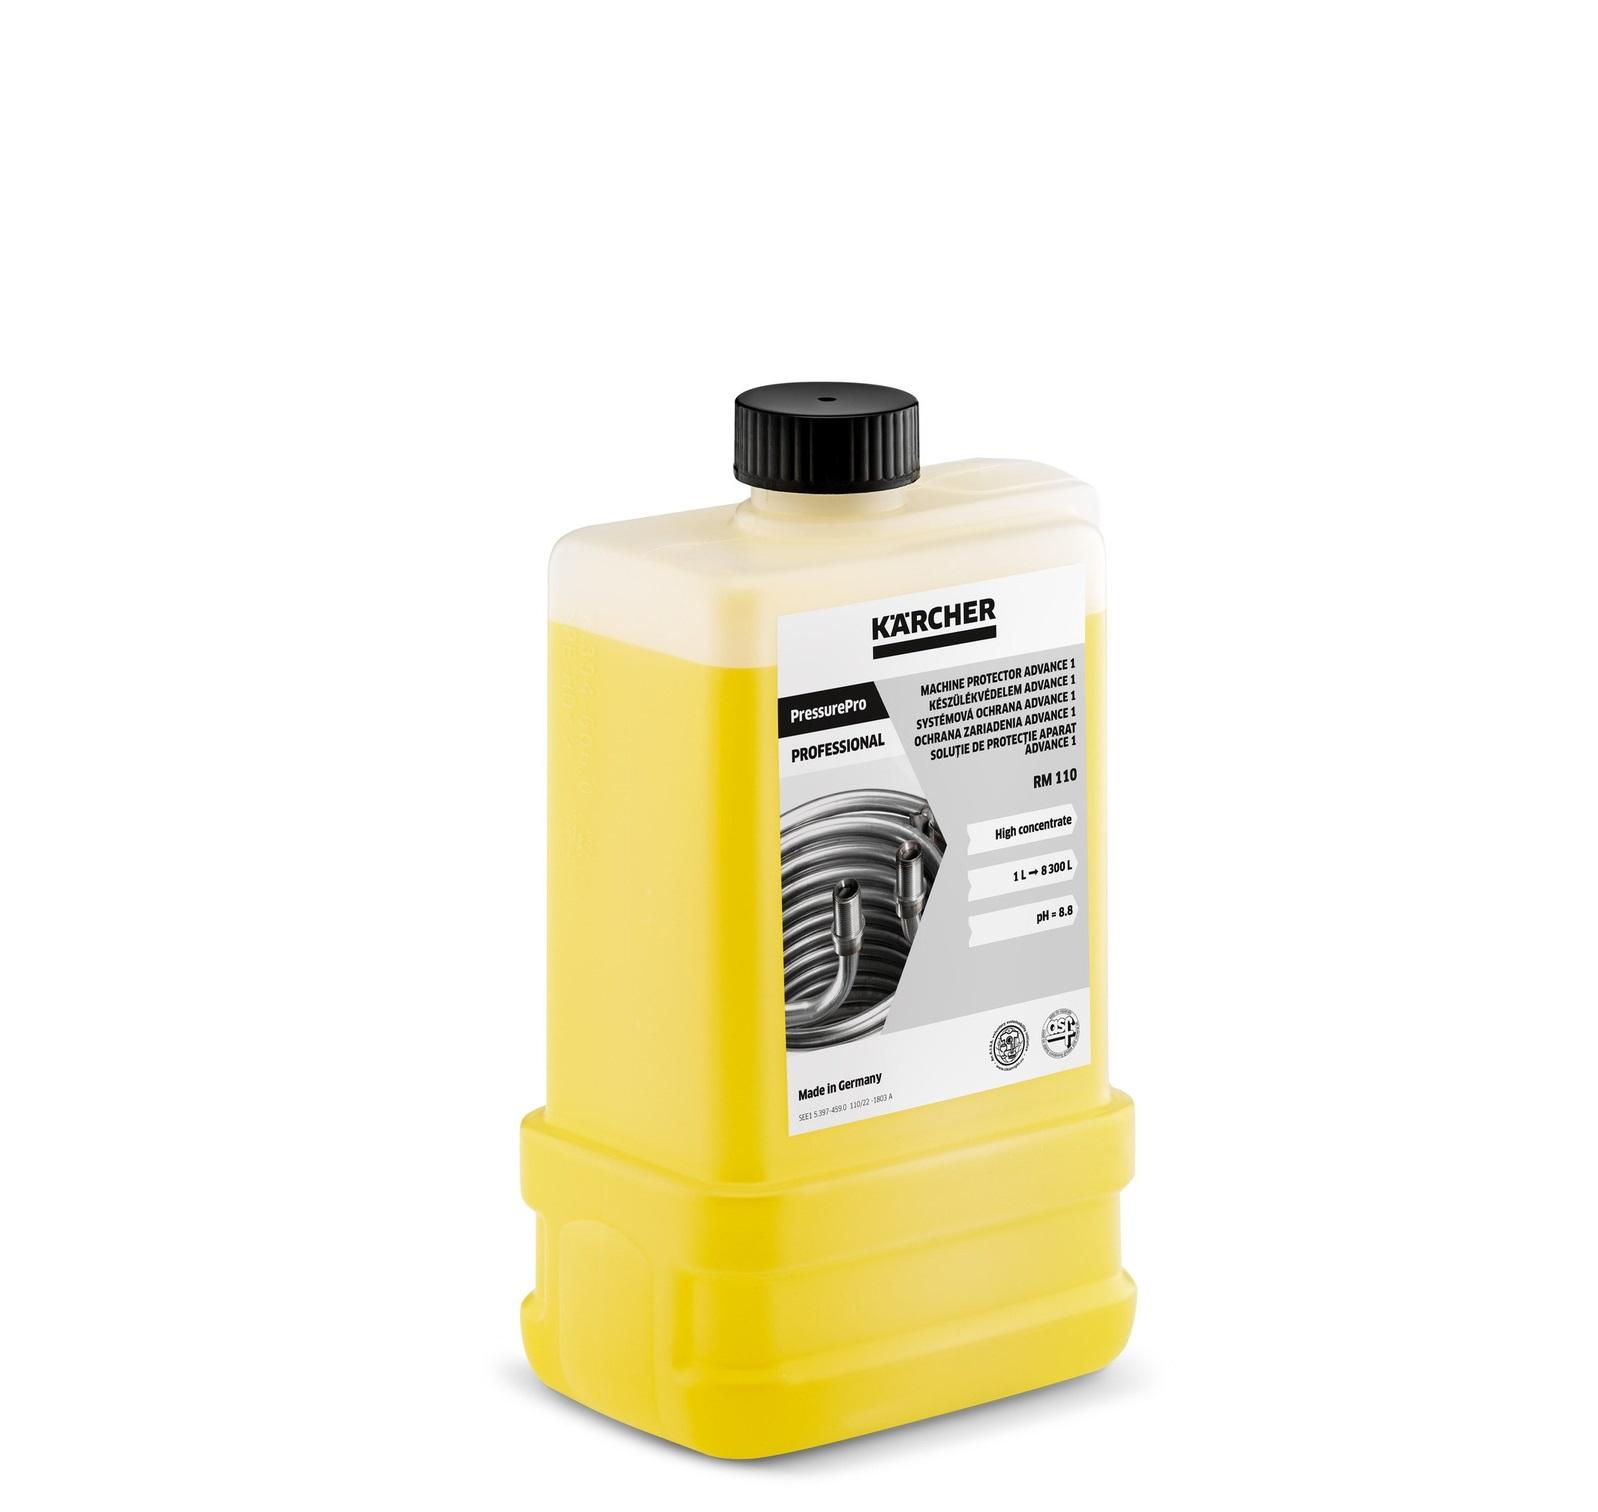 Պրոֆեսիոնալ մաքրող միջոցներ